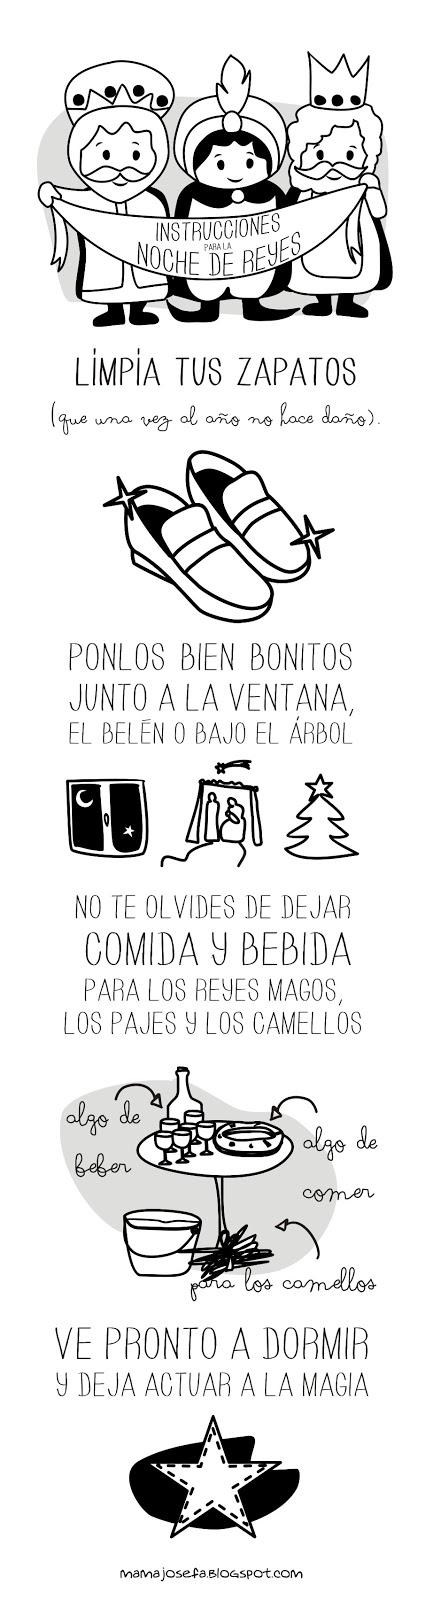 Tarjetas Y Postales Con Imágenes Para Desear Feliz Día De